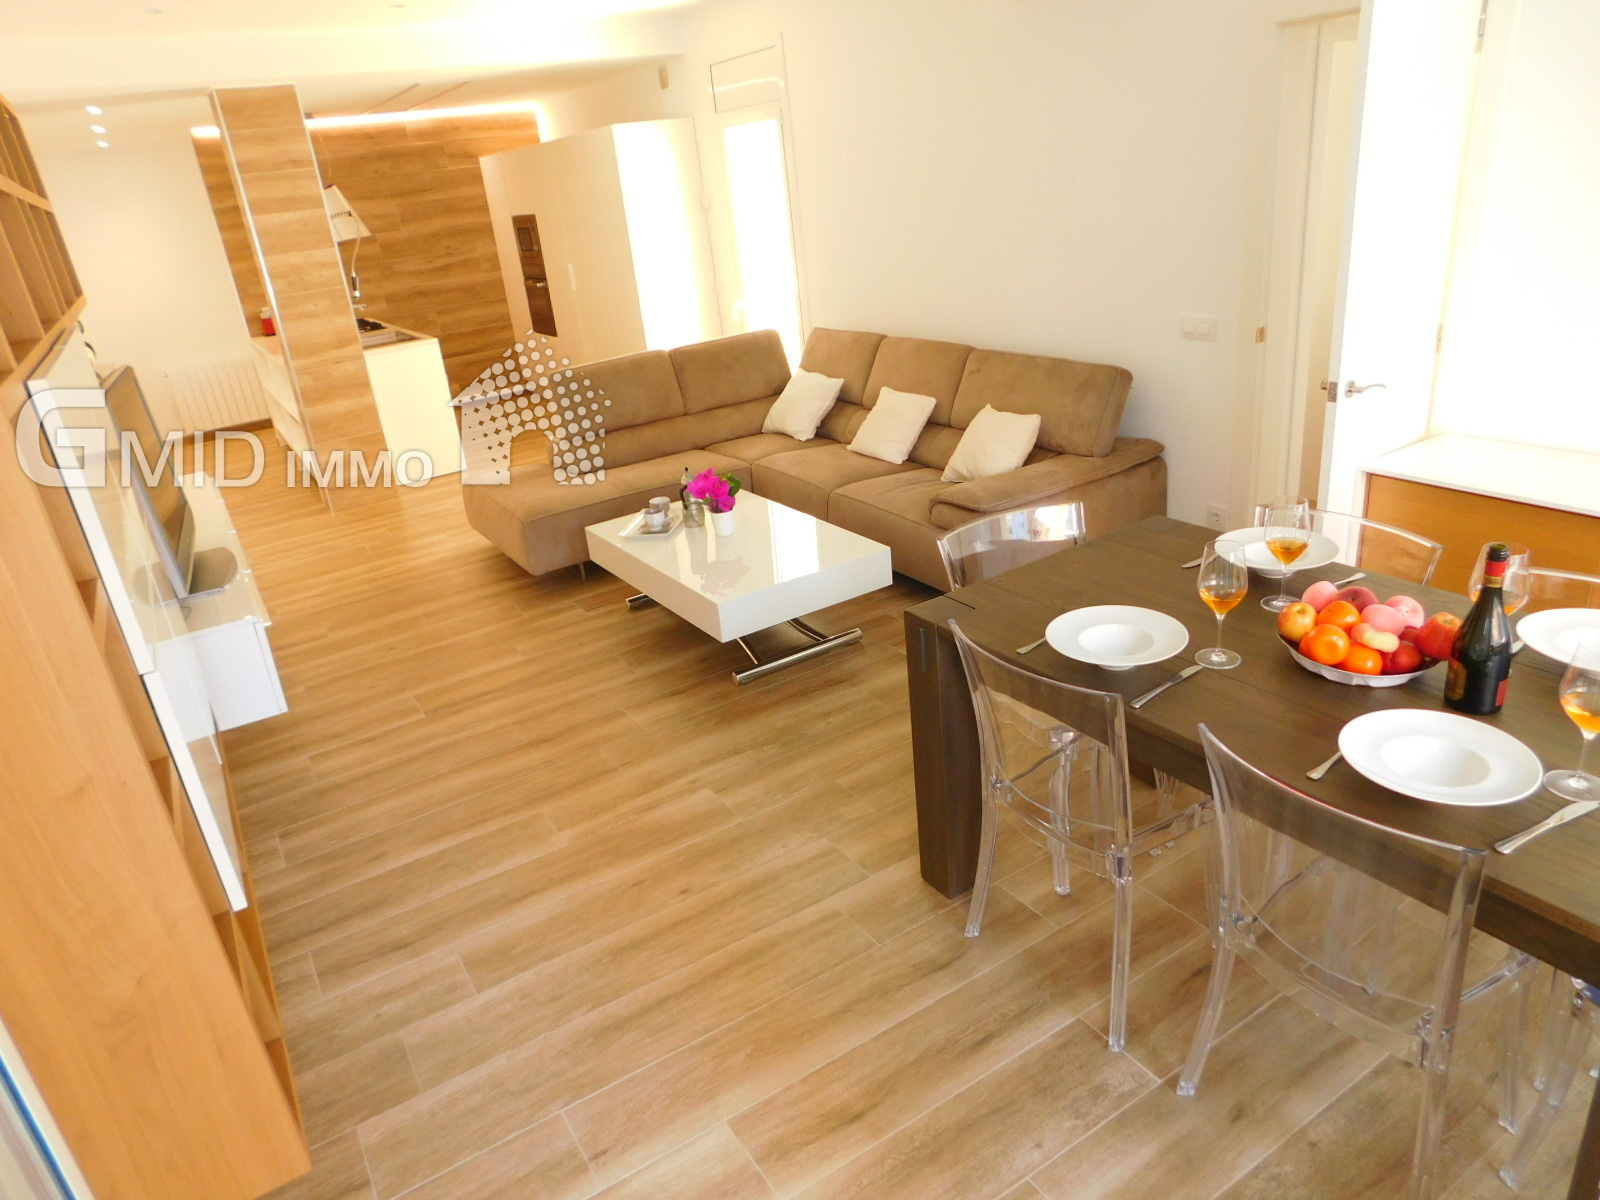 Alquiler piso moderno de 4 habitaciones en pleno centro de Roses, Costa Brava